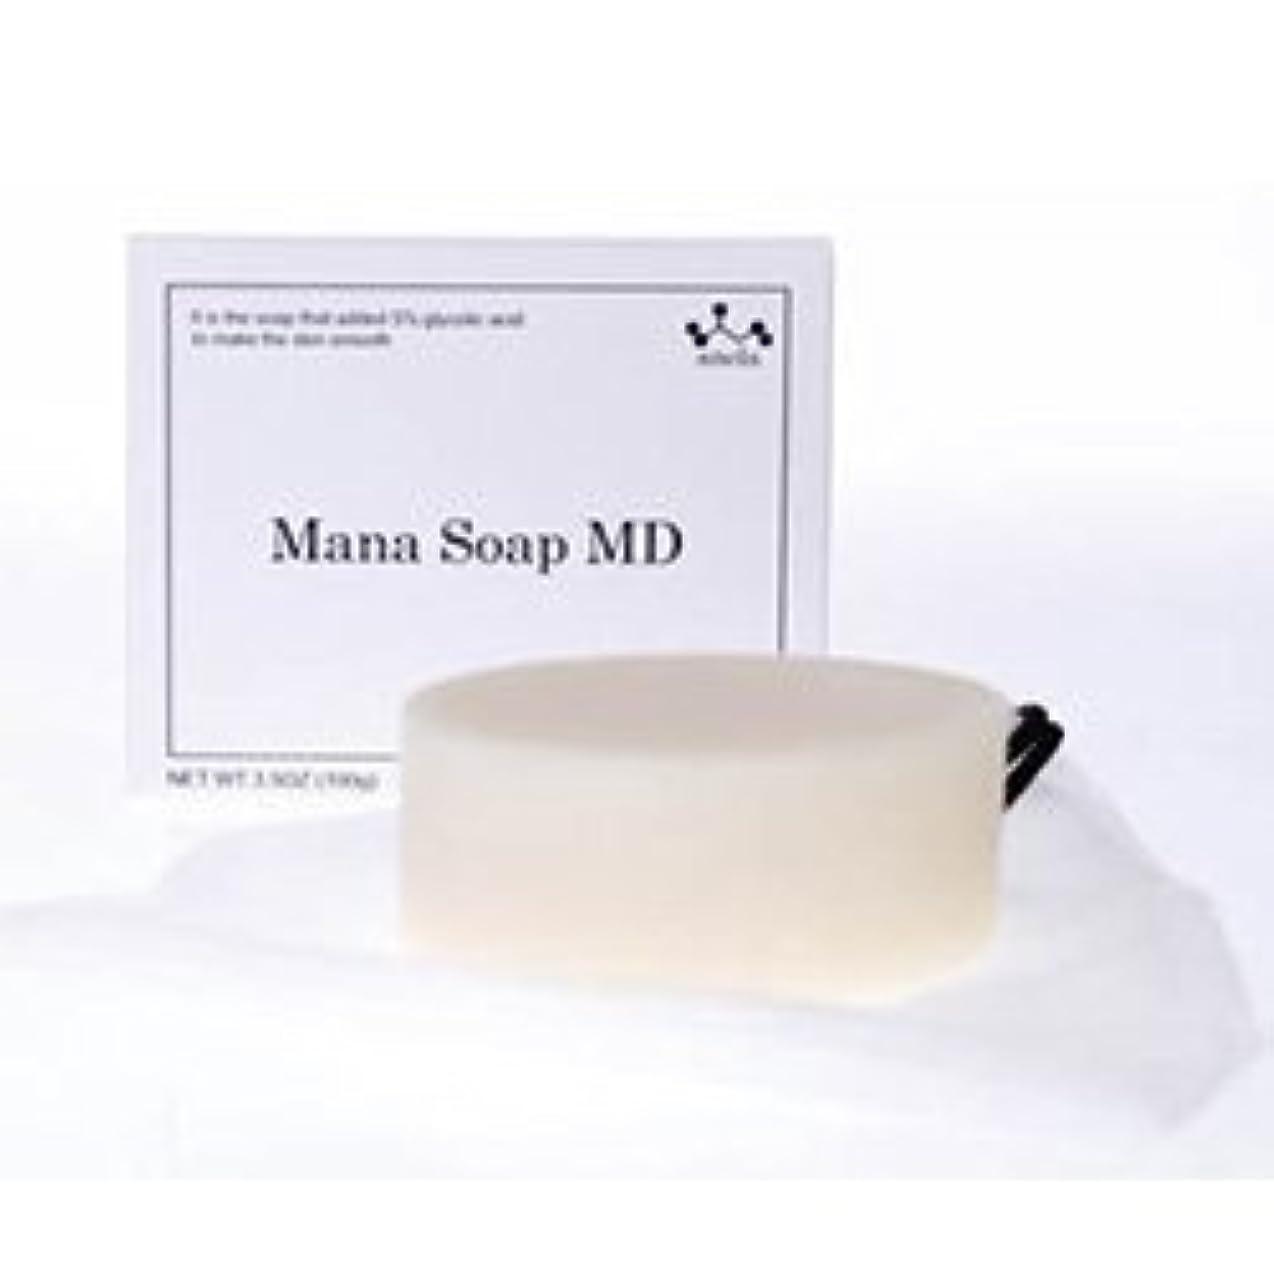 縁刈る以来【ニキビ?乾燥?敏感】マナソープMD5 乾燥するけどニキビができるという方におすすめ! プラセンタ配合の無添加ピーリング石鹸 (5%)